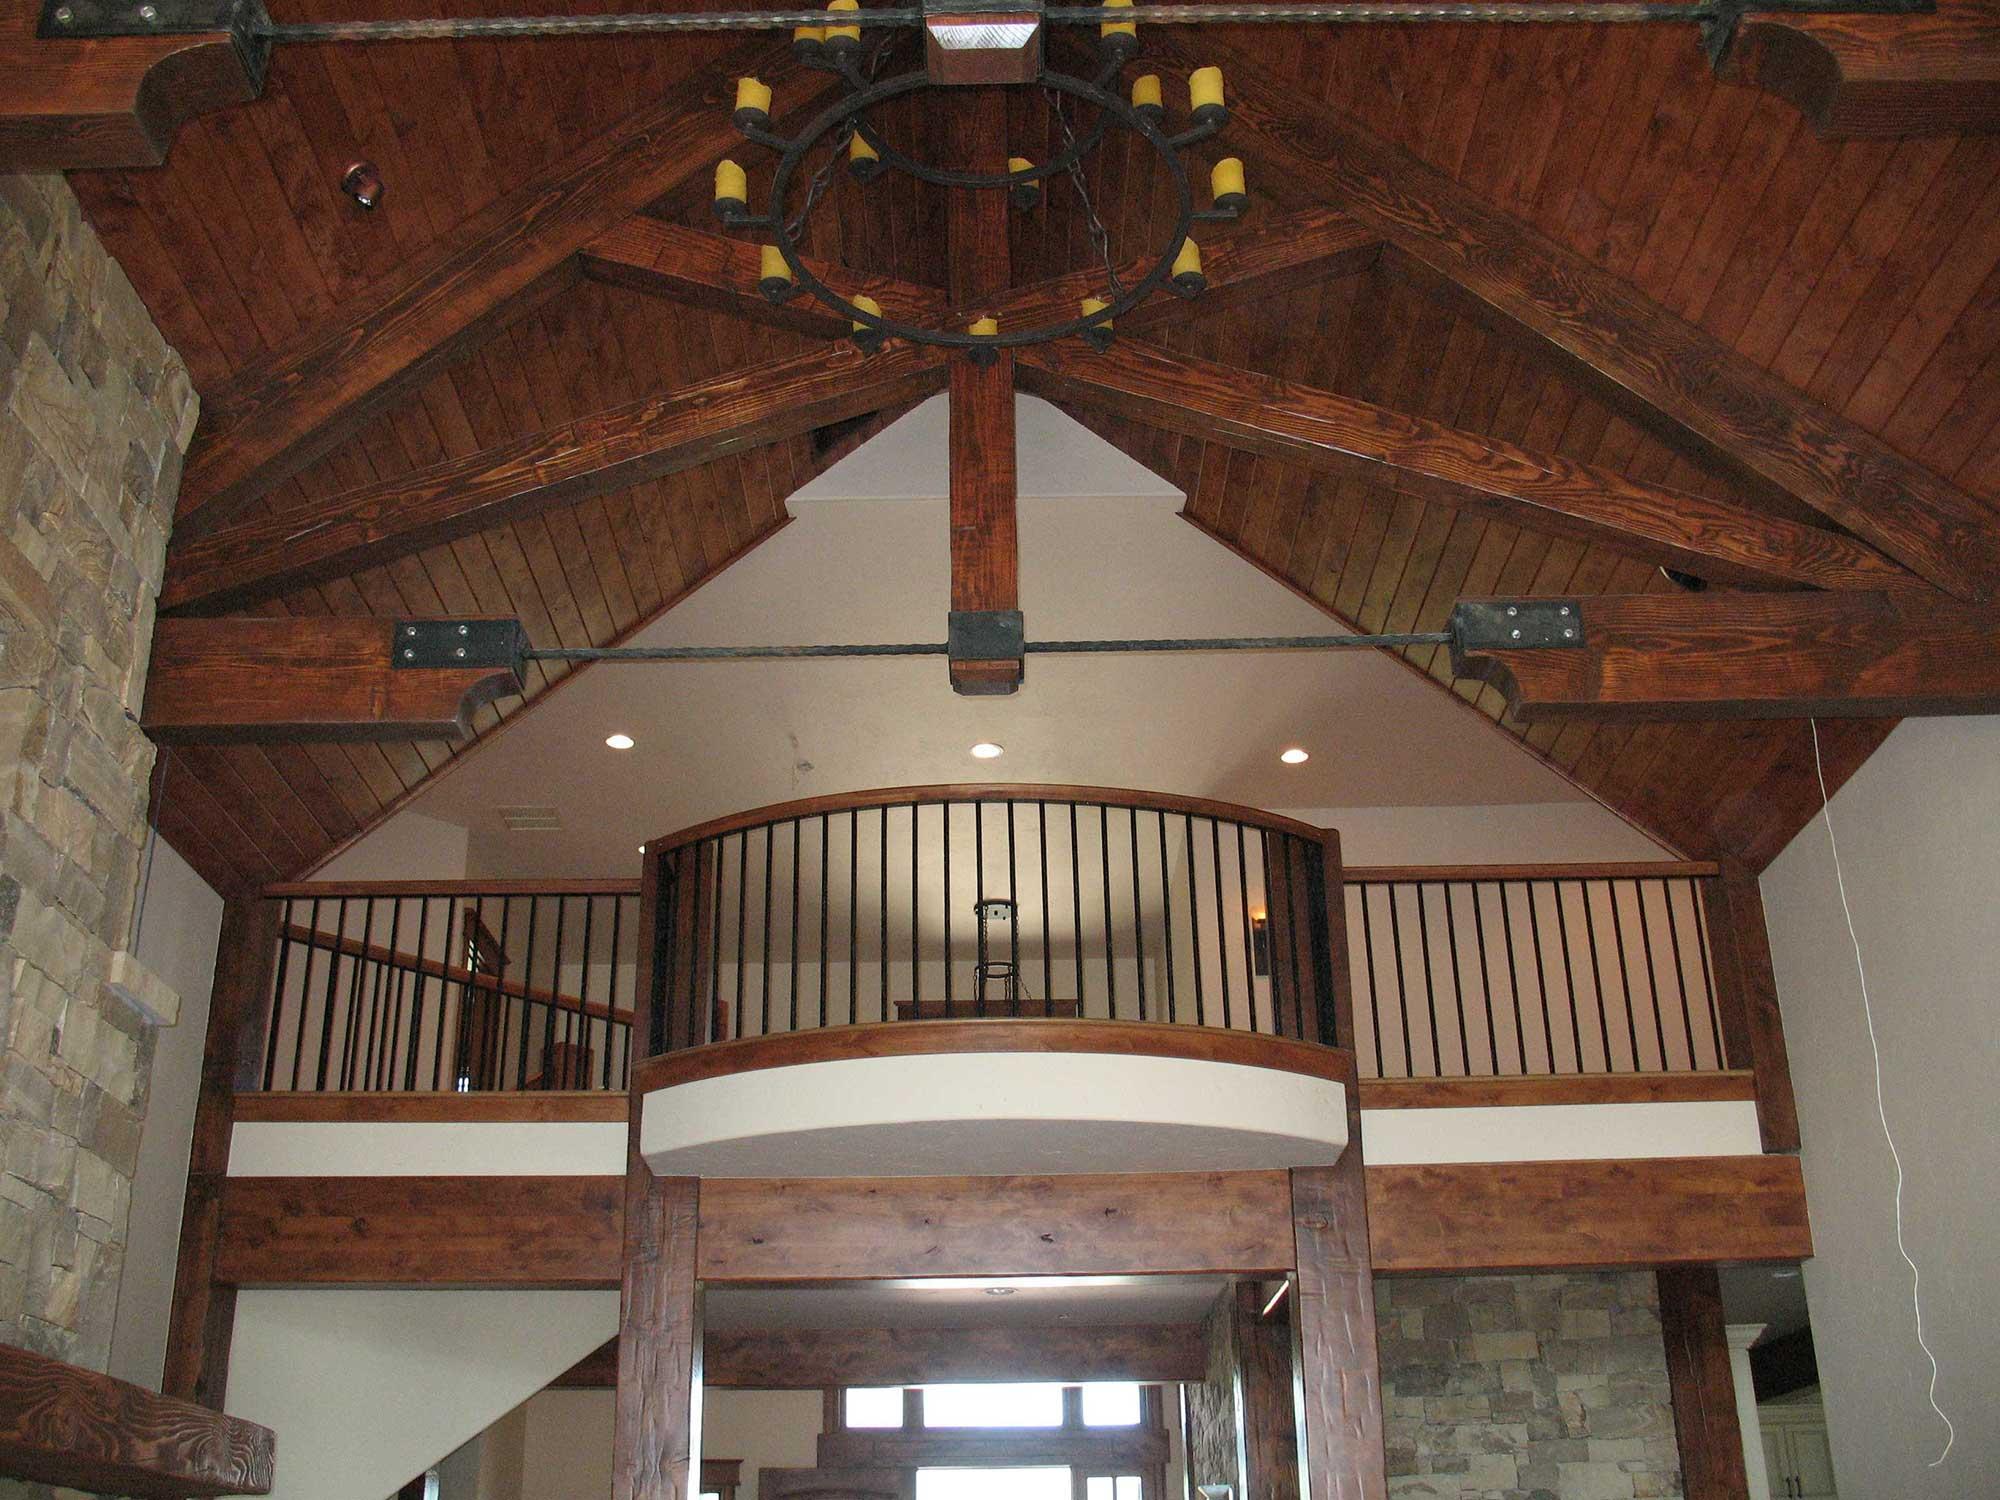 Interior - A